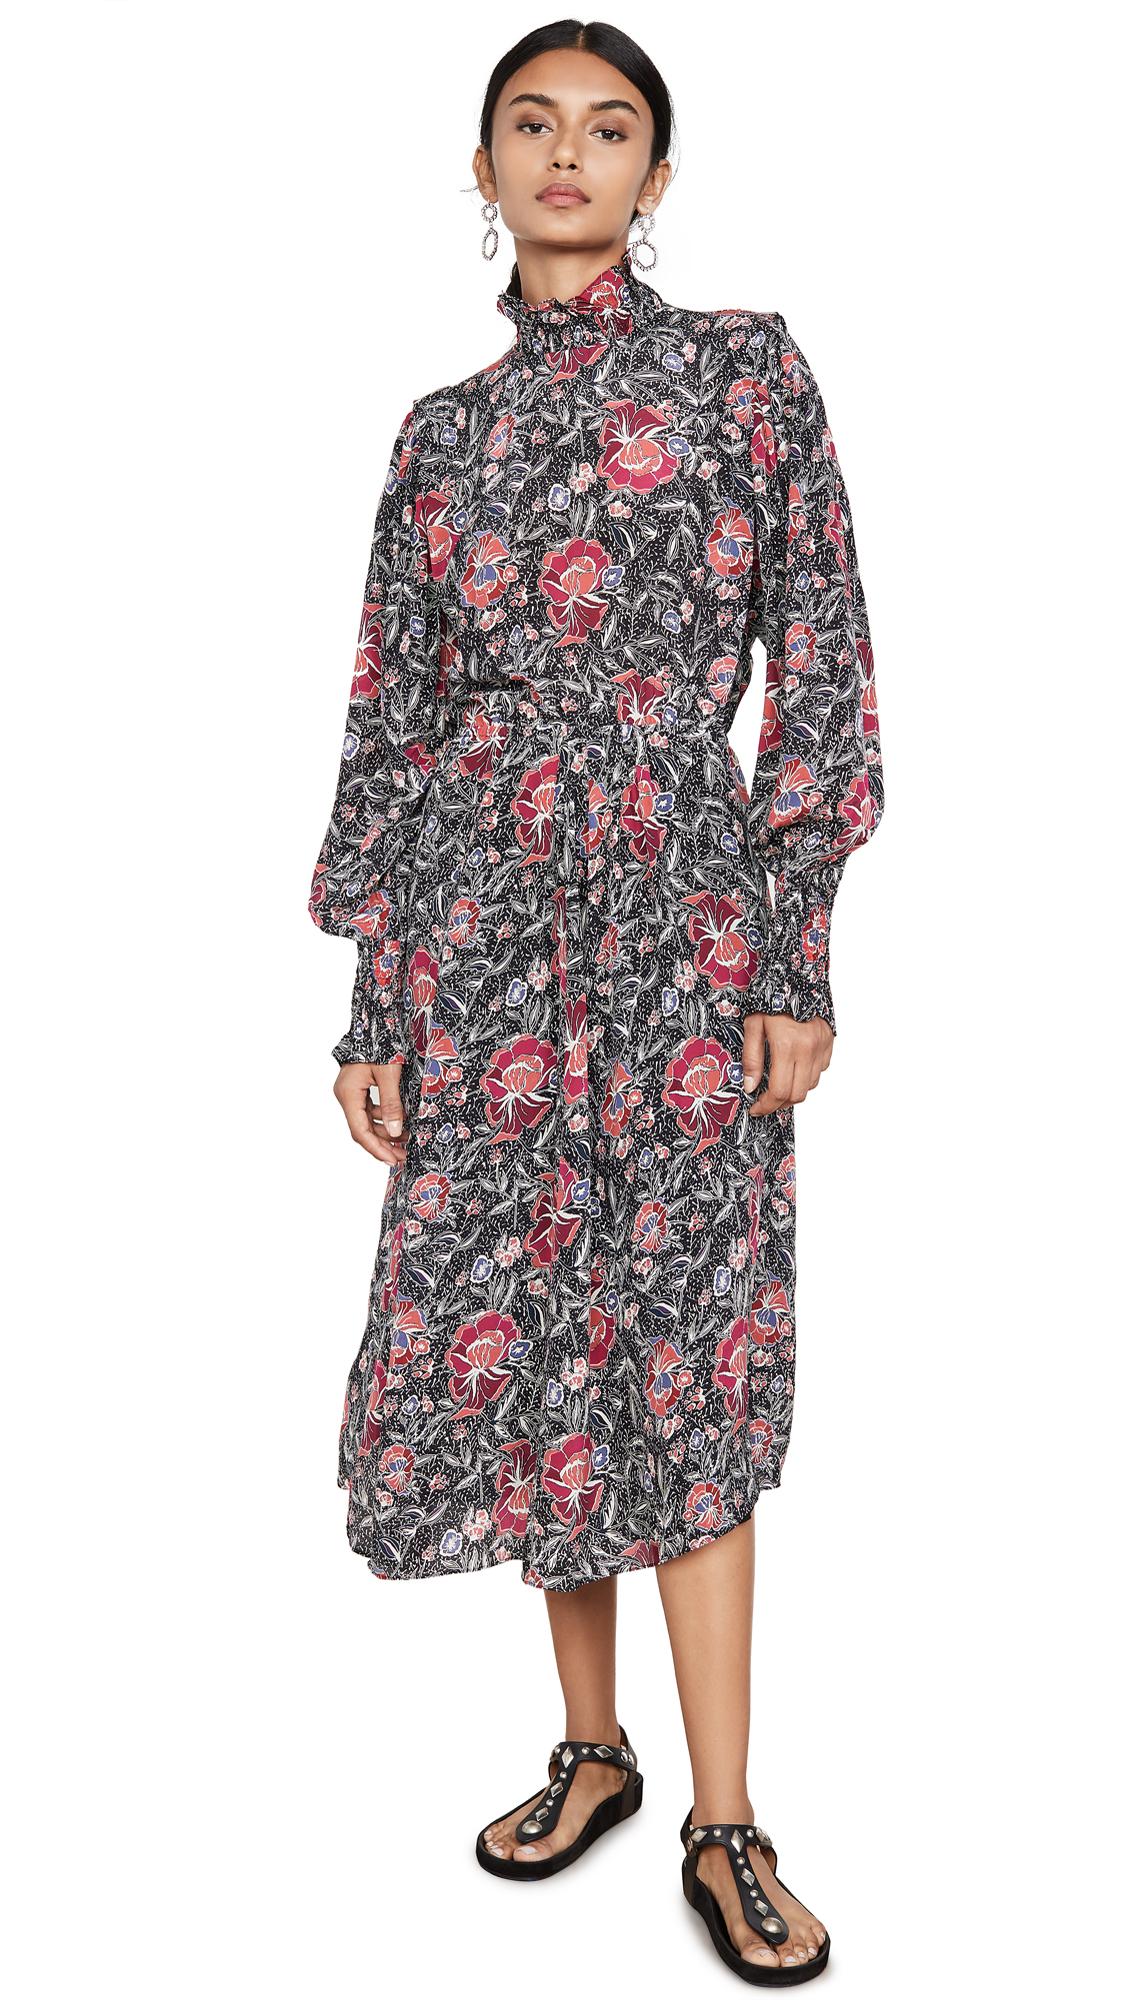 Isabel Marant Etoile Yescott Dress – 30% Off Sale